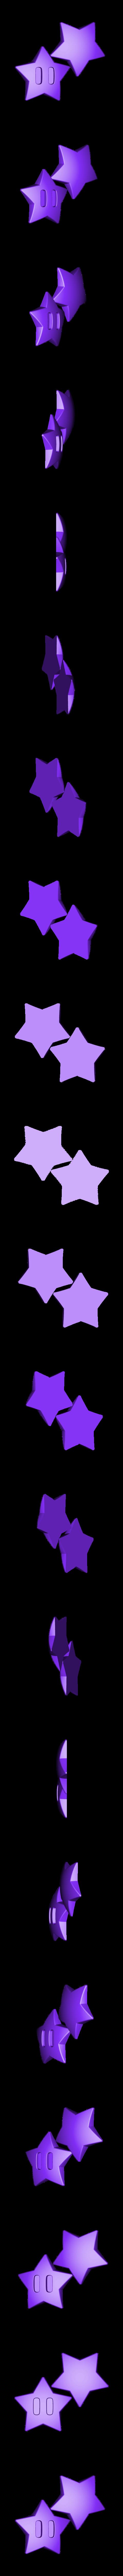 MarioStar-Split.stl Télécharger fichier STL gratuit Décorations Mario Star • Design pour impression 3D, tone001